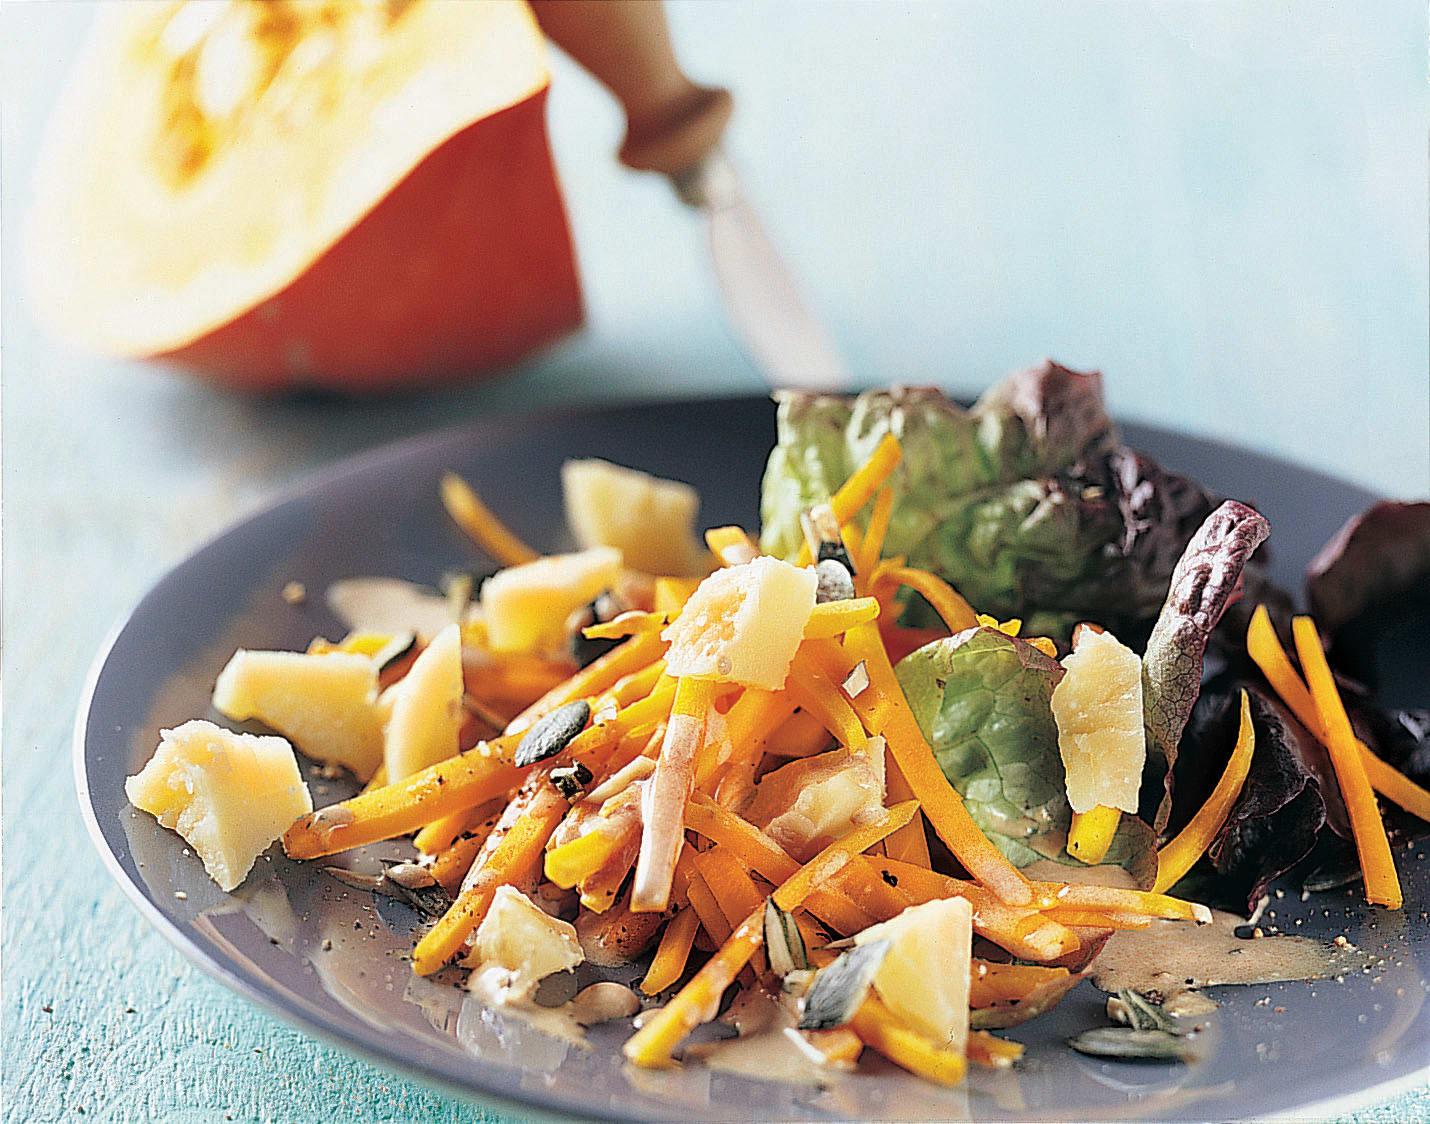 Salade de courge rôtie au sbrinz sauce Amaretto